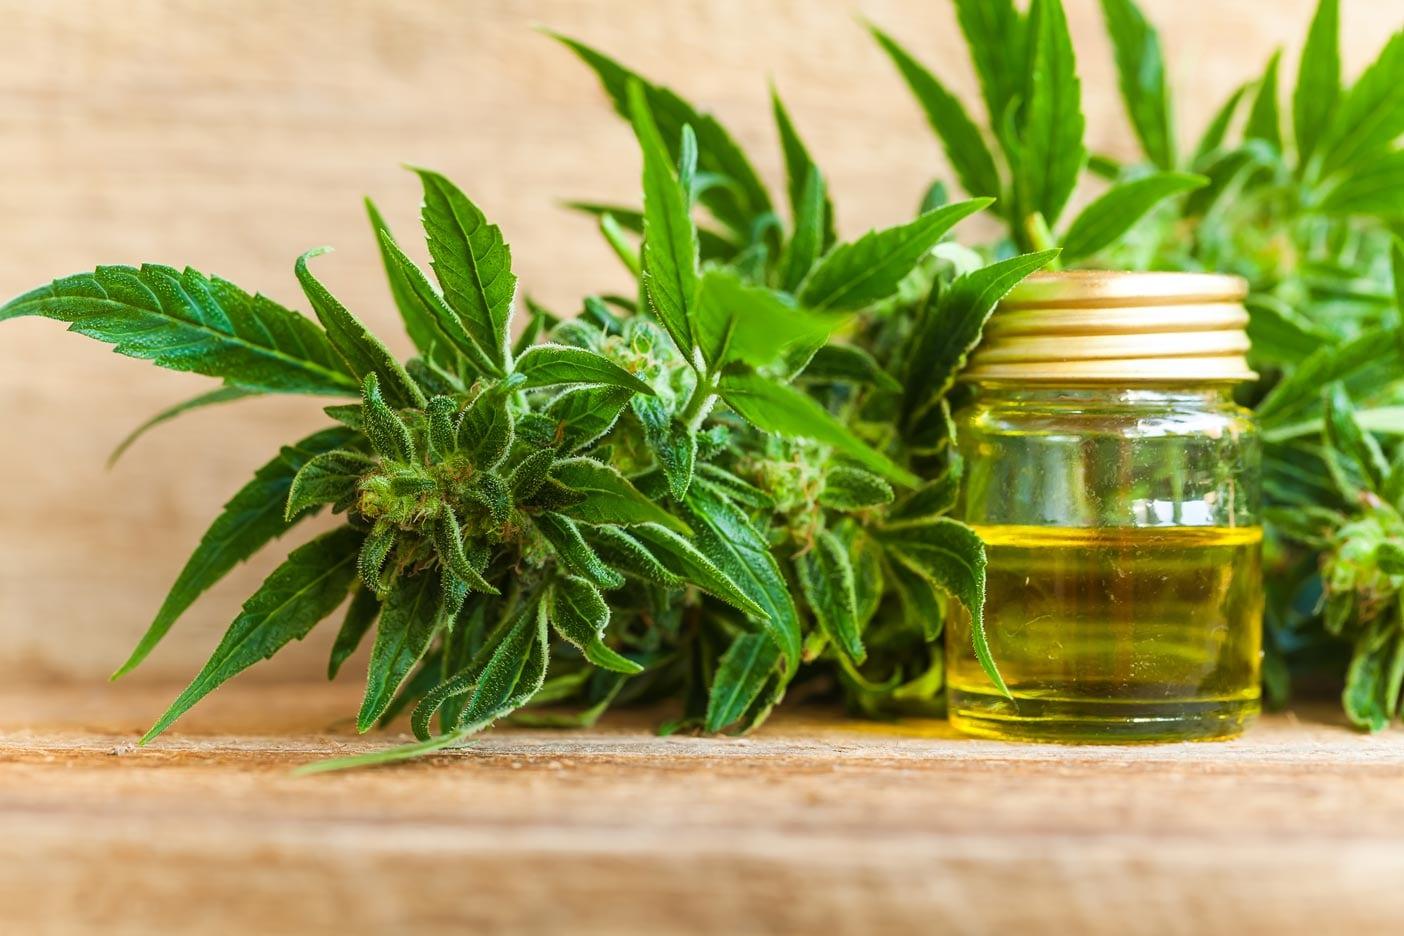 CBD Öl in einem Gefäß steht auf einem Holztisch und neben der Hanfpflanze liegt eine Cannabis - Blüte.